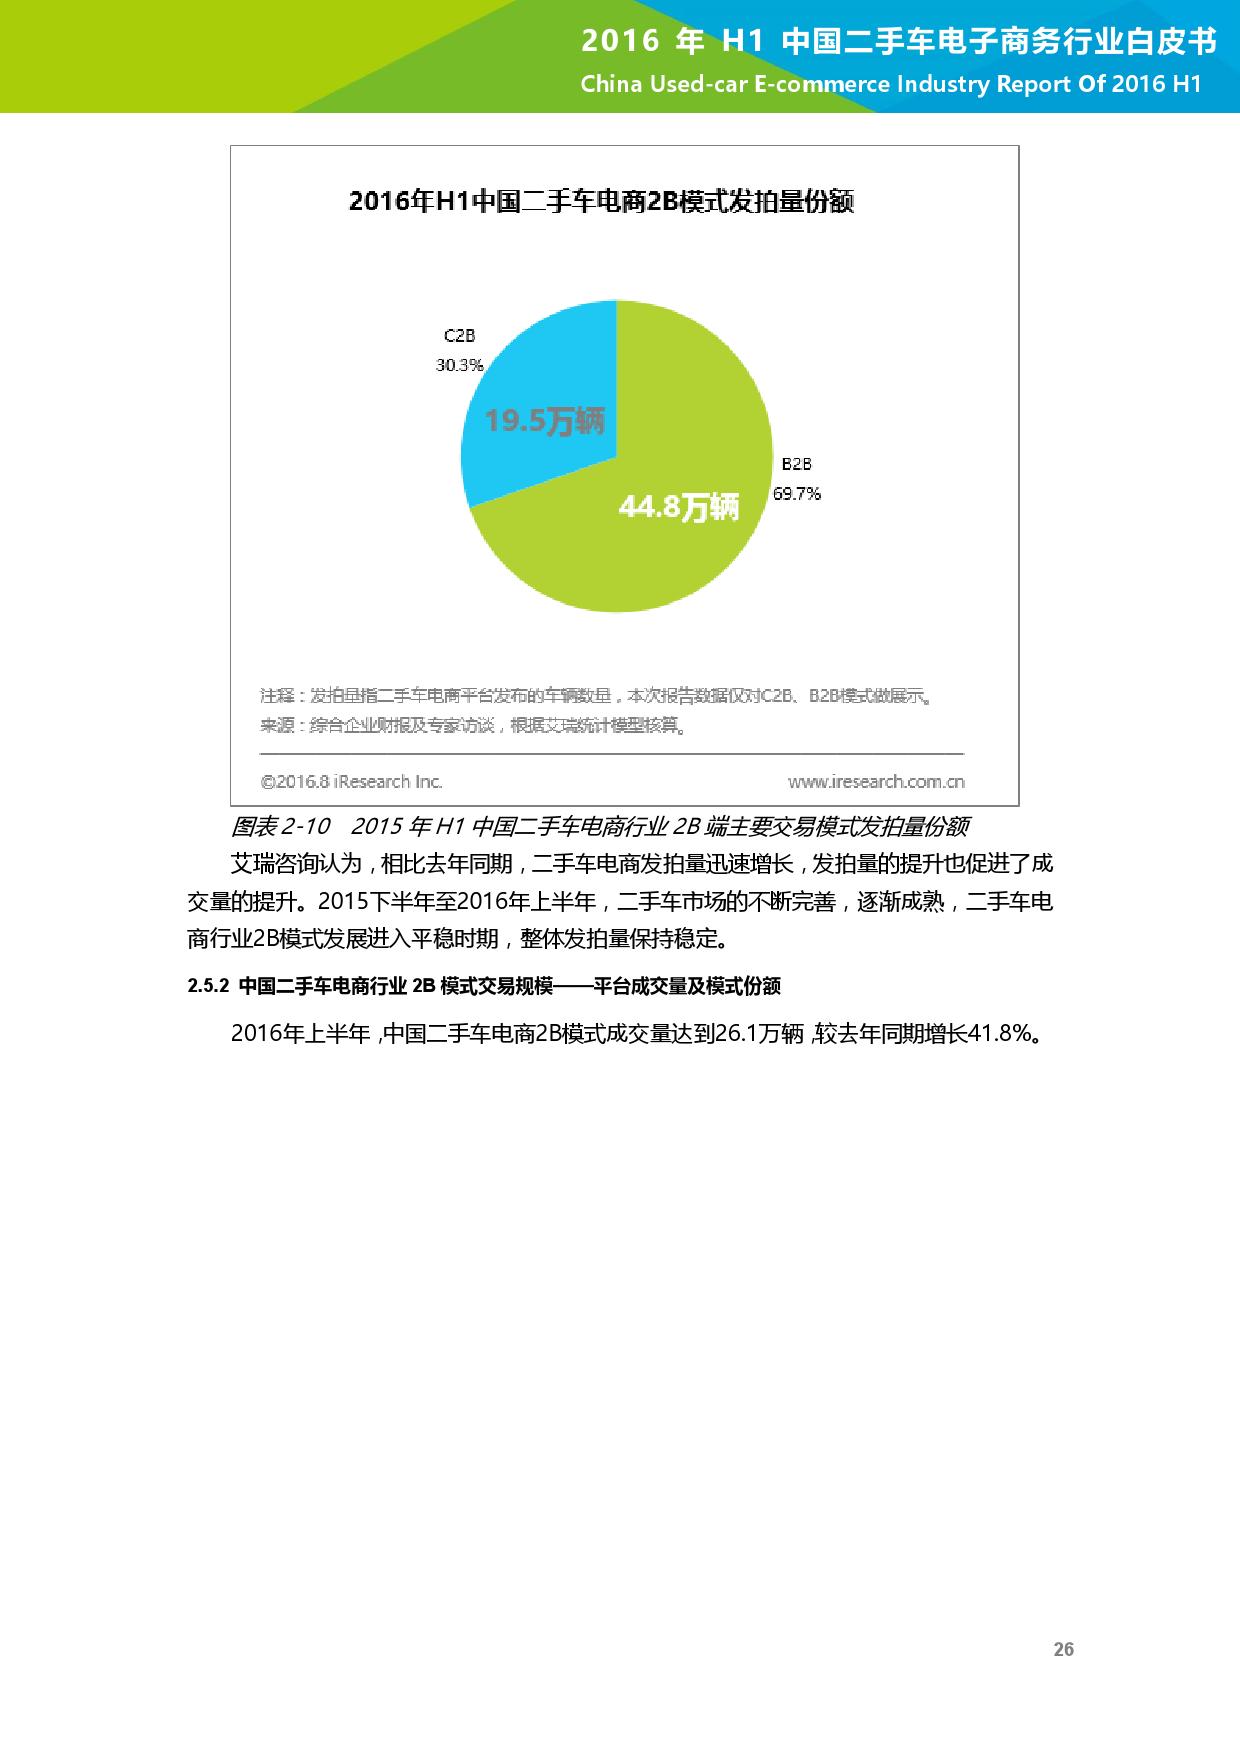 2016年H1中国二手车电子商务行业白皮书_000027